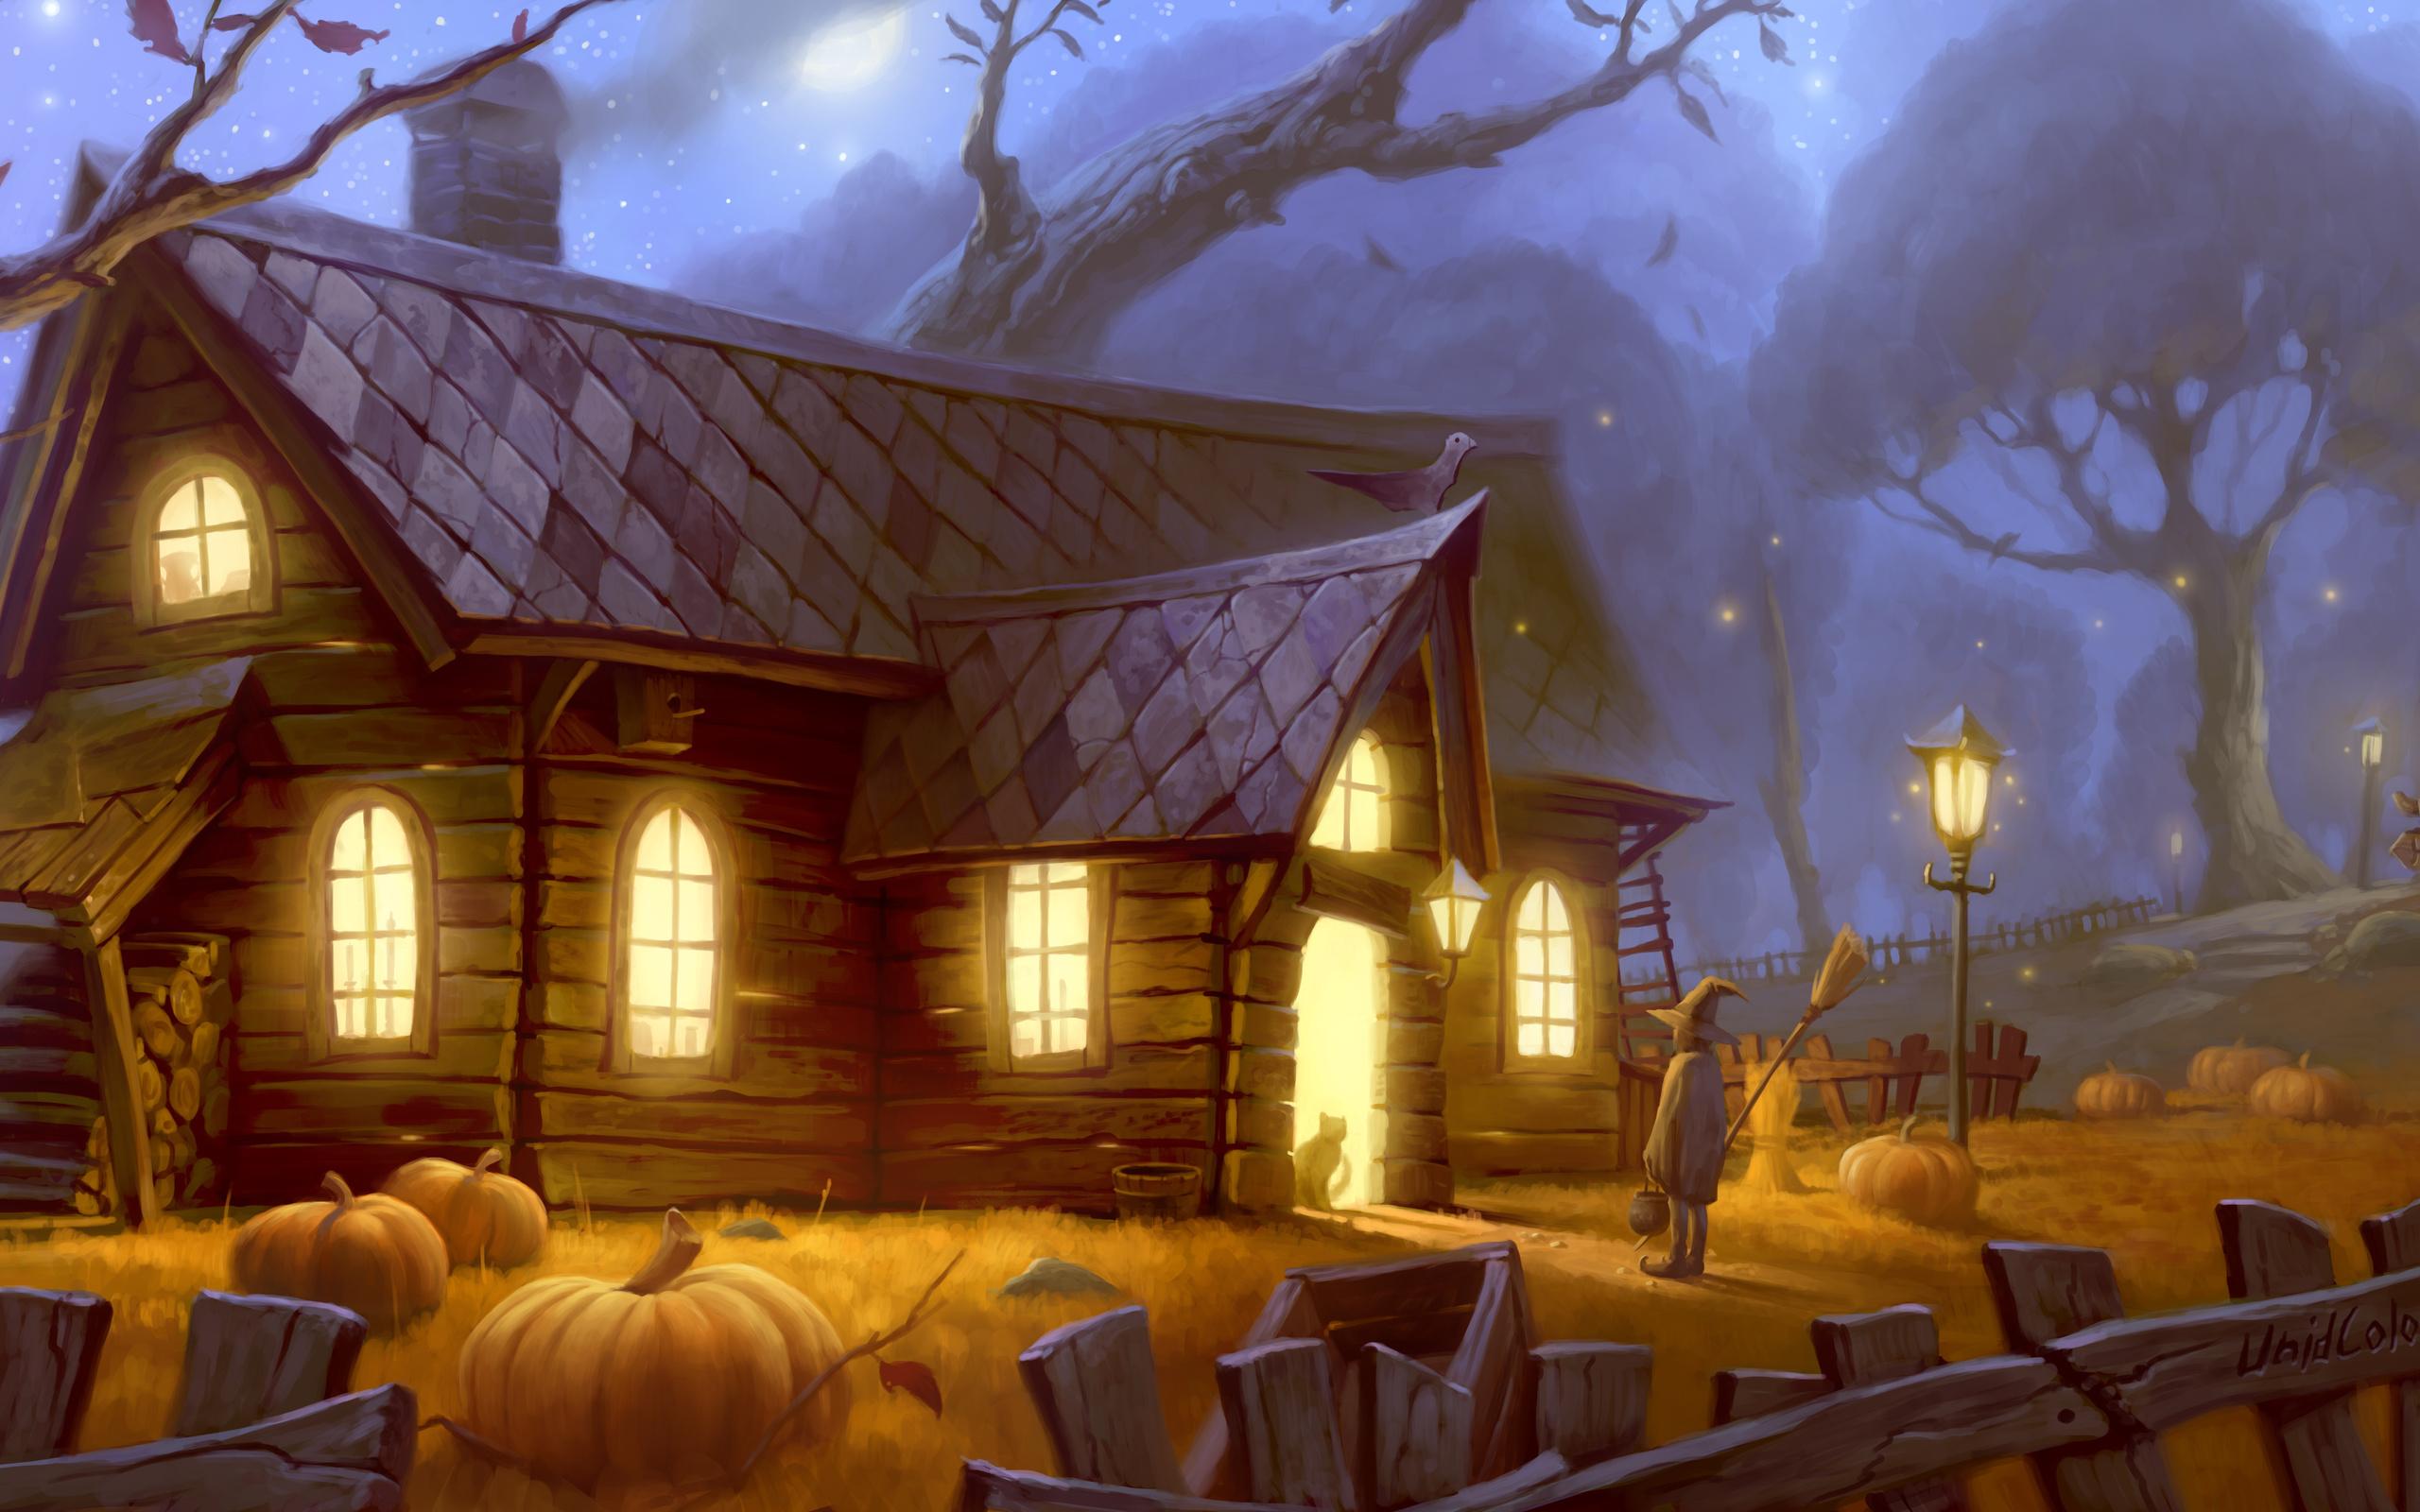 ведьмин дом рисунок бровей